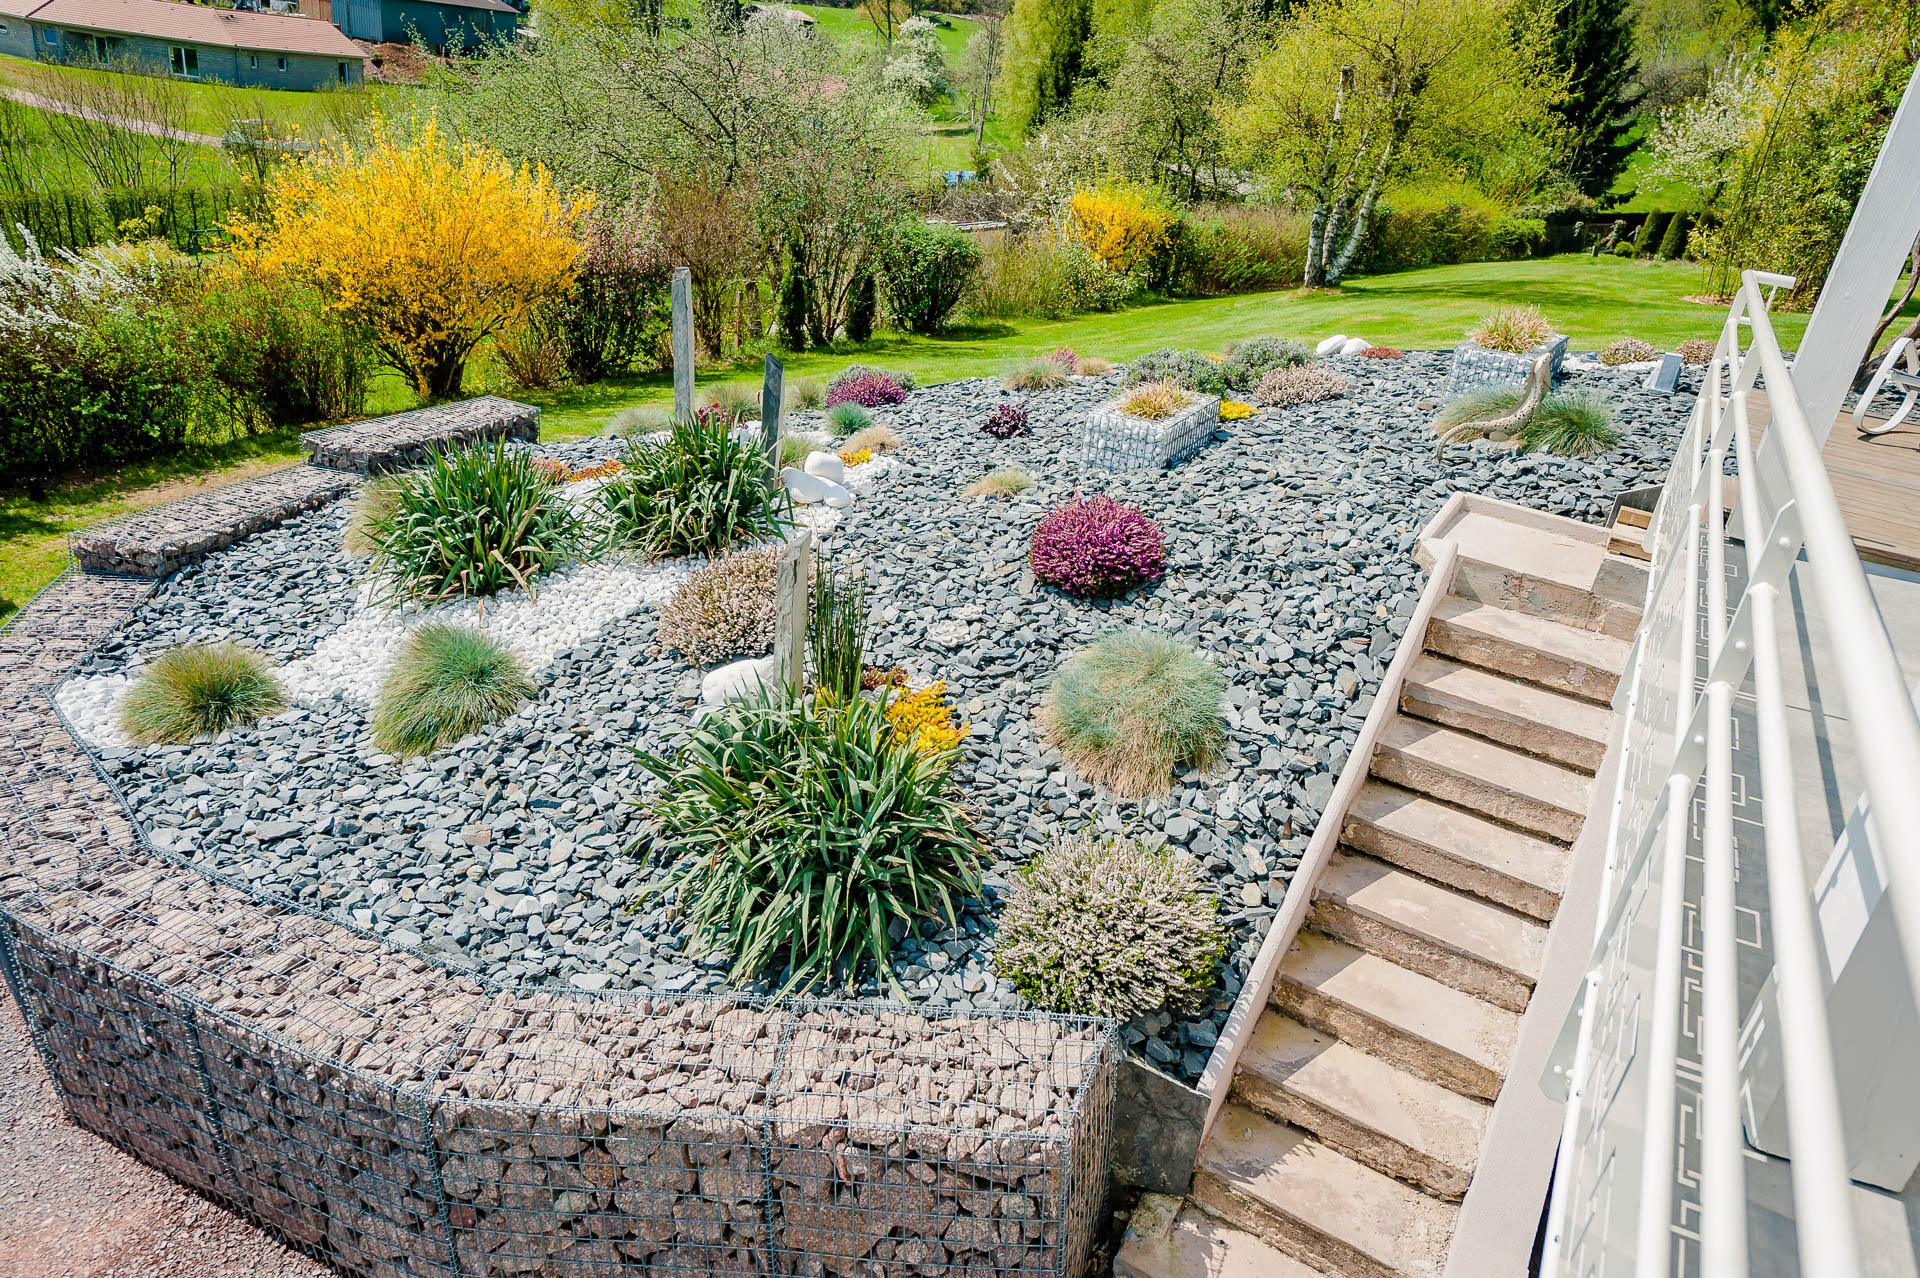 Idée D'aménagement De Jardin Dans Les Vosges - Agrovosges concernant Idée D Aménagement De Jardin